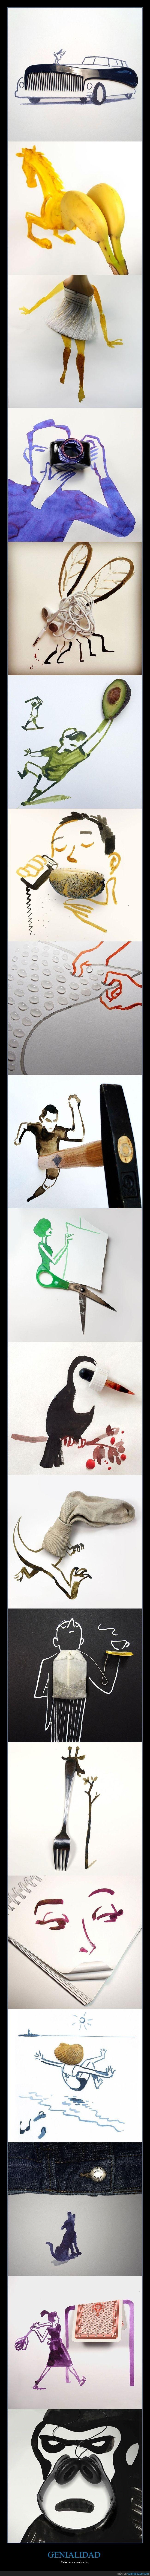 Ilustrador completa dibujos con objetos del día a día - Este tío va sobrado